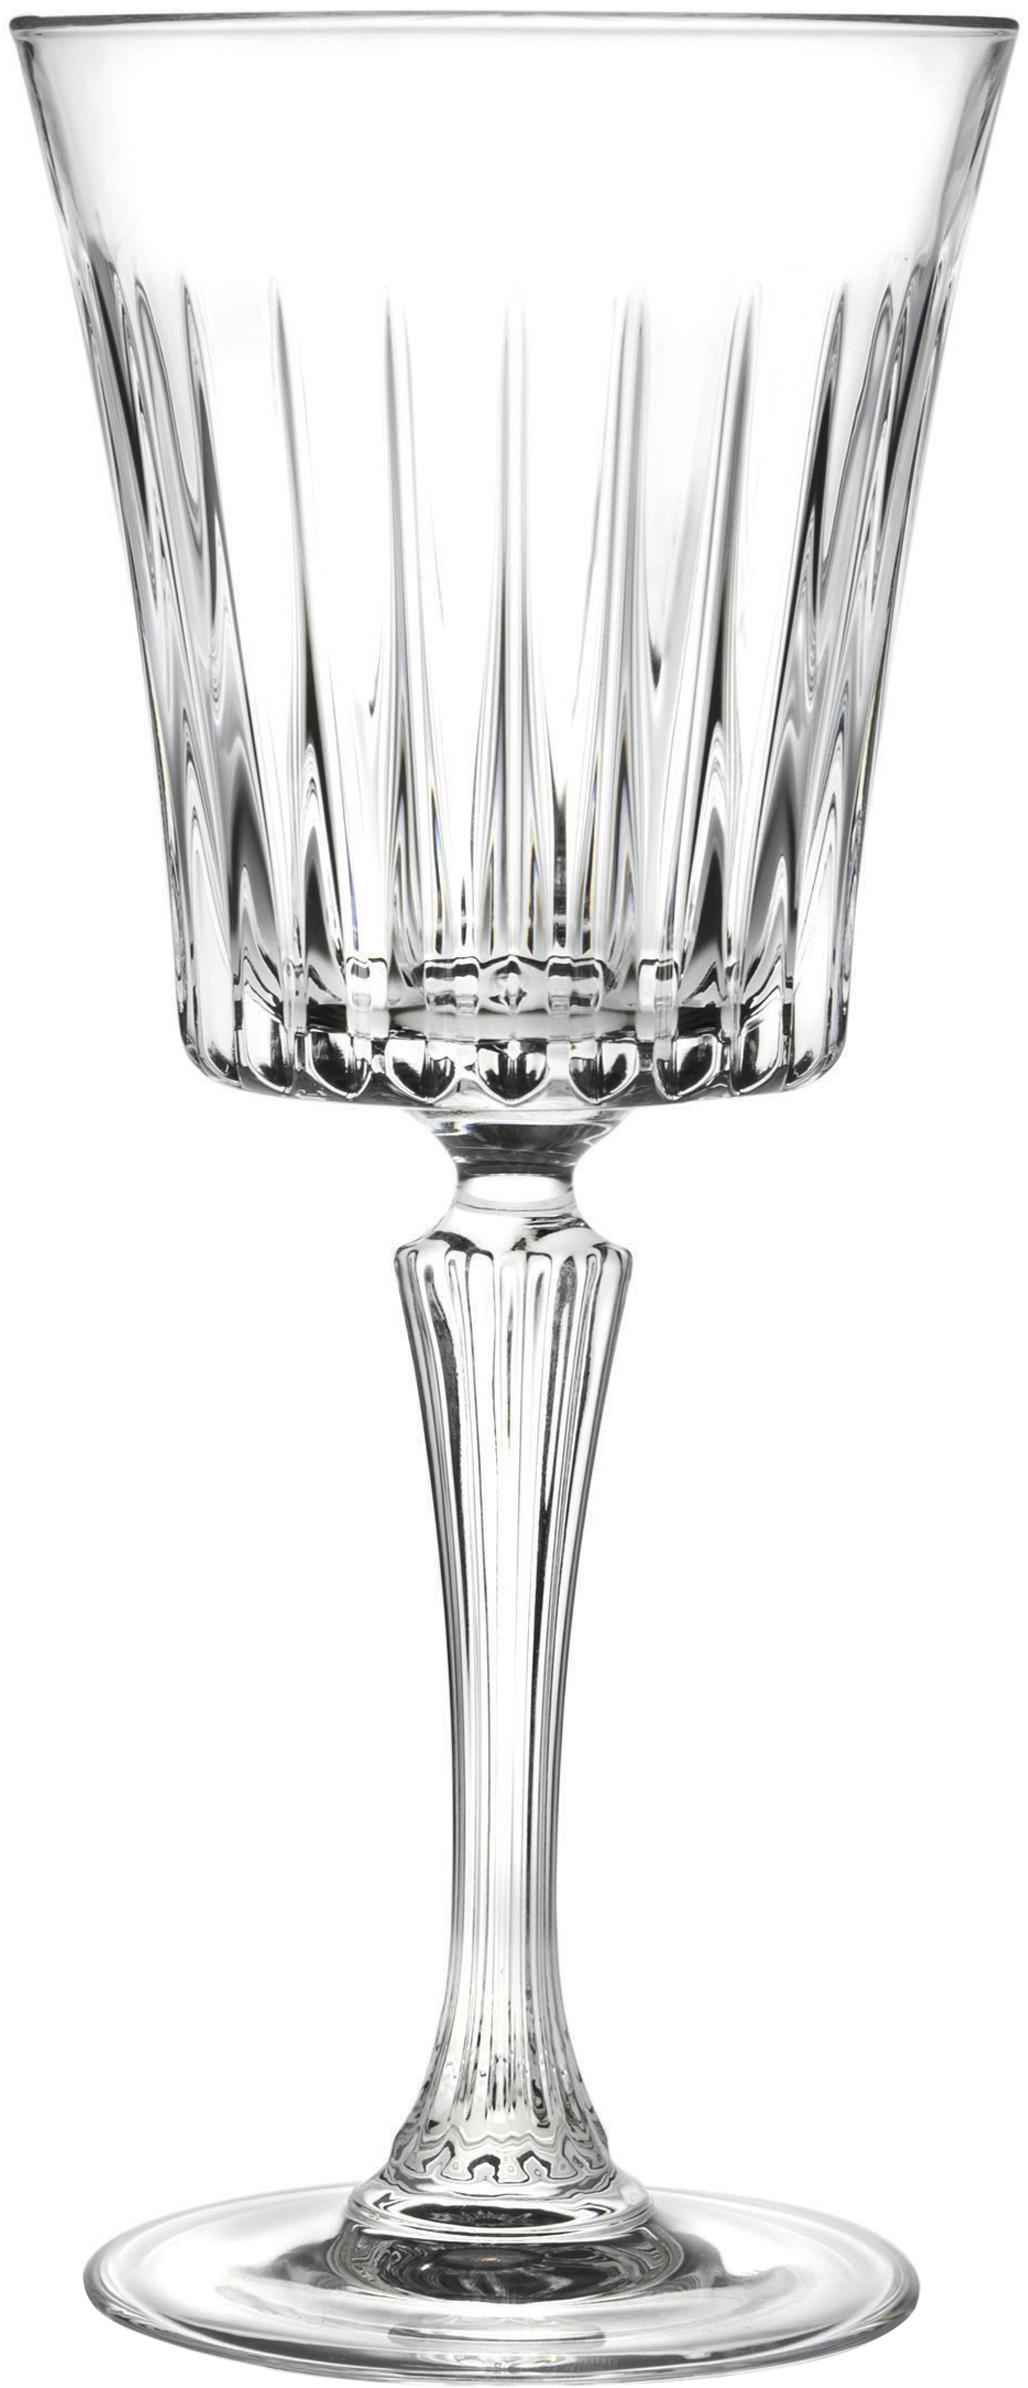 Kryształowy kieliszek do białego wina Timeless, 6 szt., Szkło kryształowe, Transparentny, Ø 8 x 20 cm